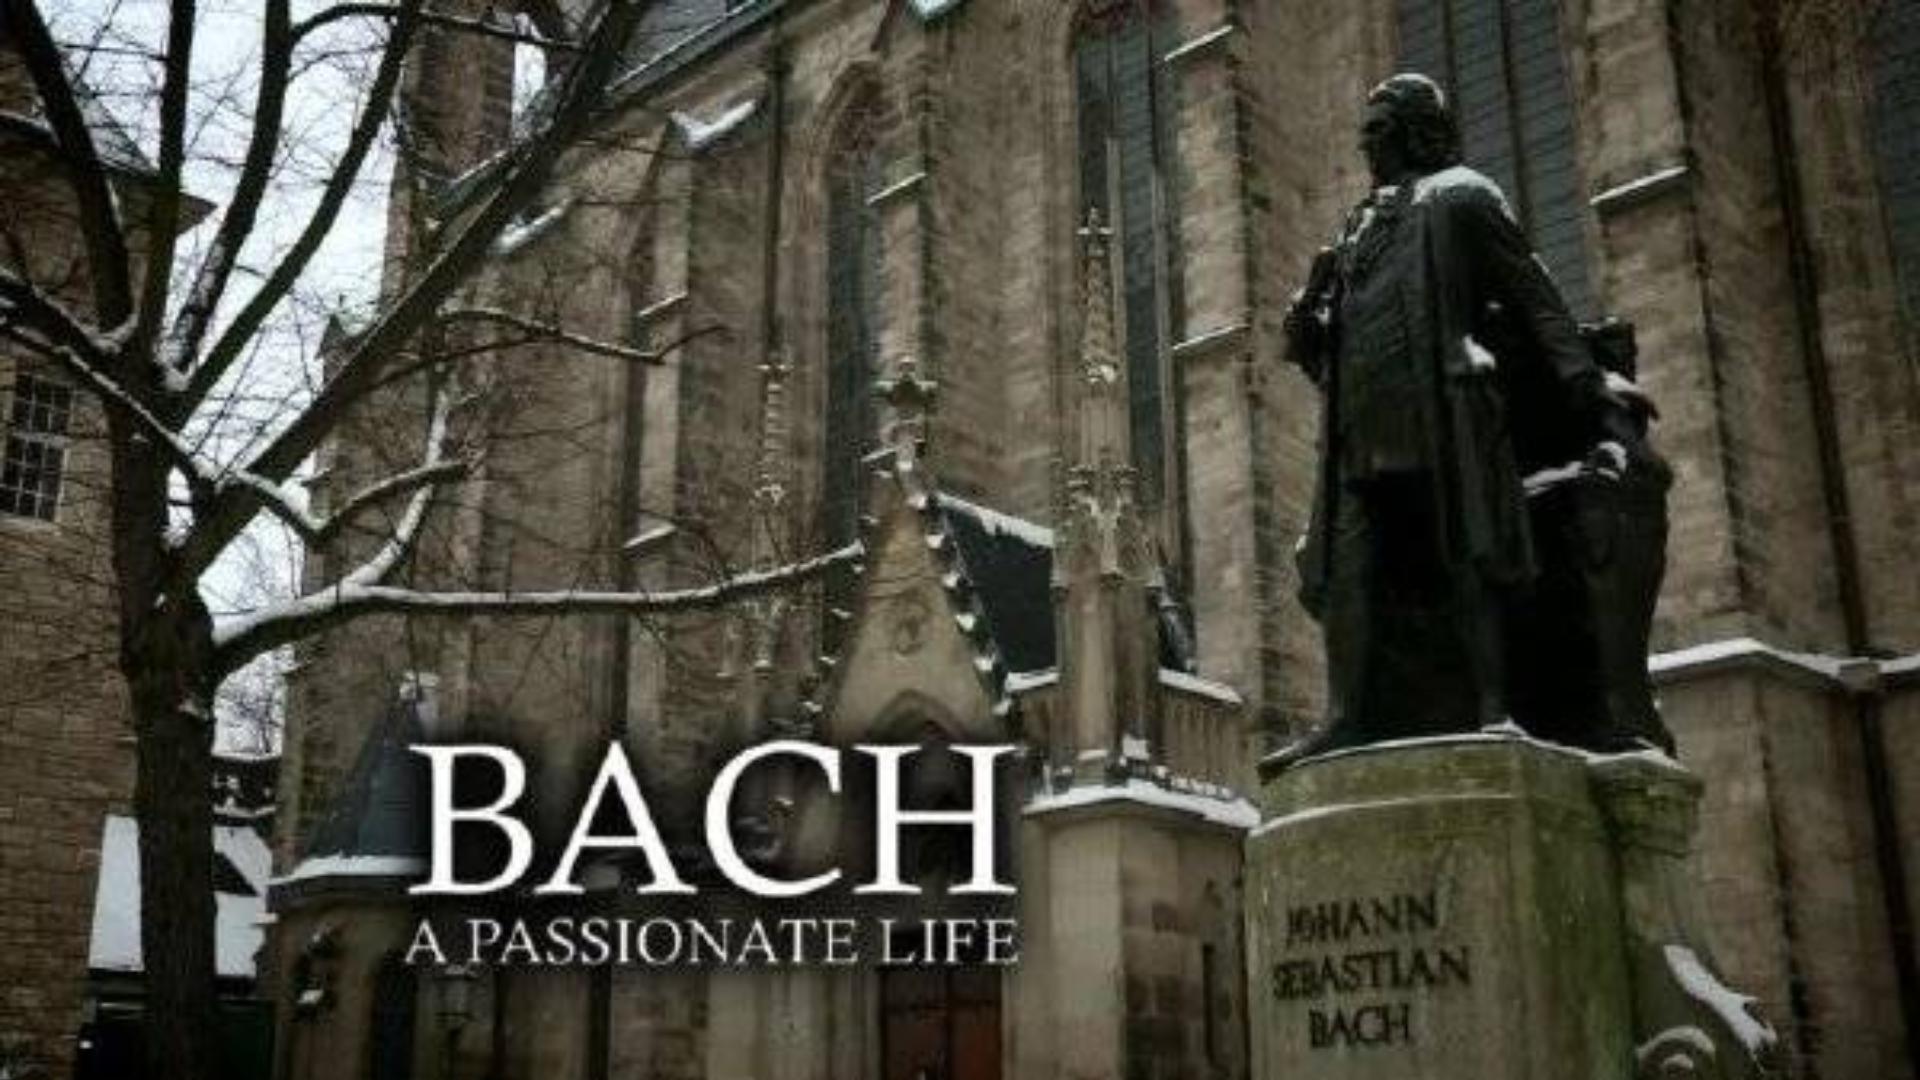 [纪录片]巴赫:激情的一生 Bach: A Passionate Life[中英字幕]